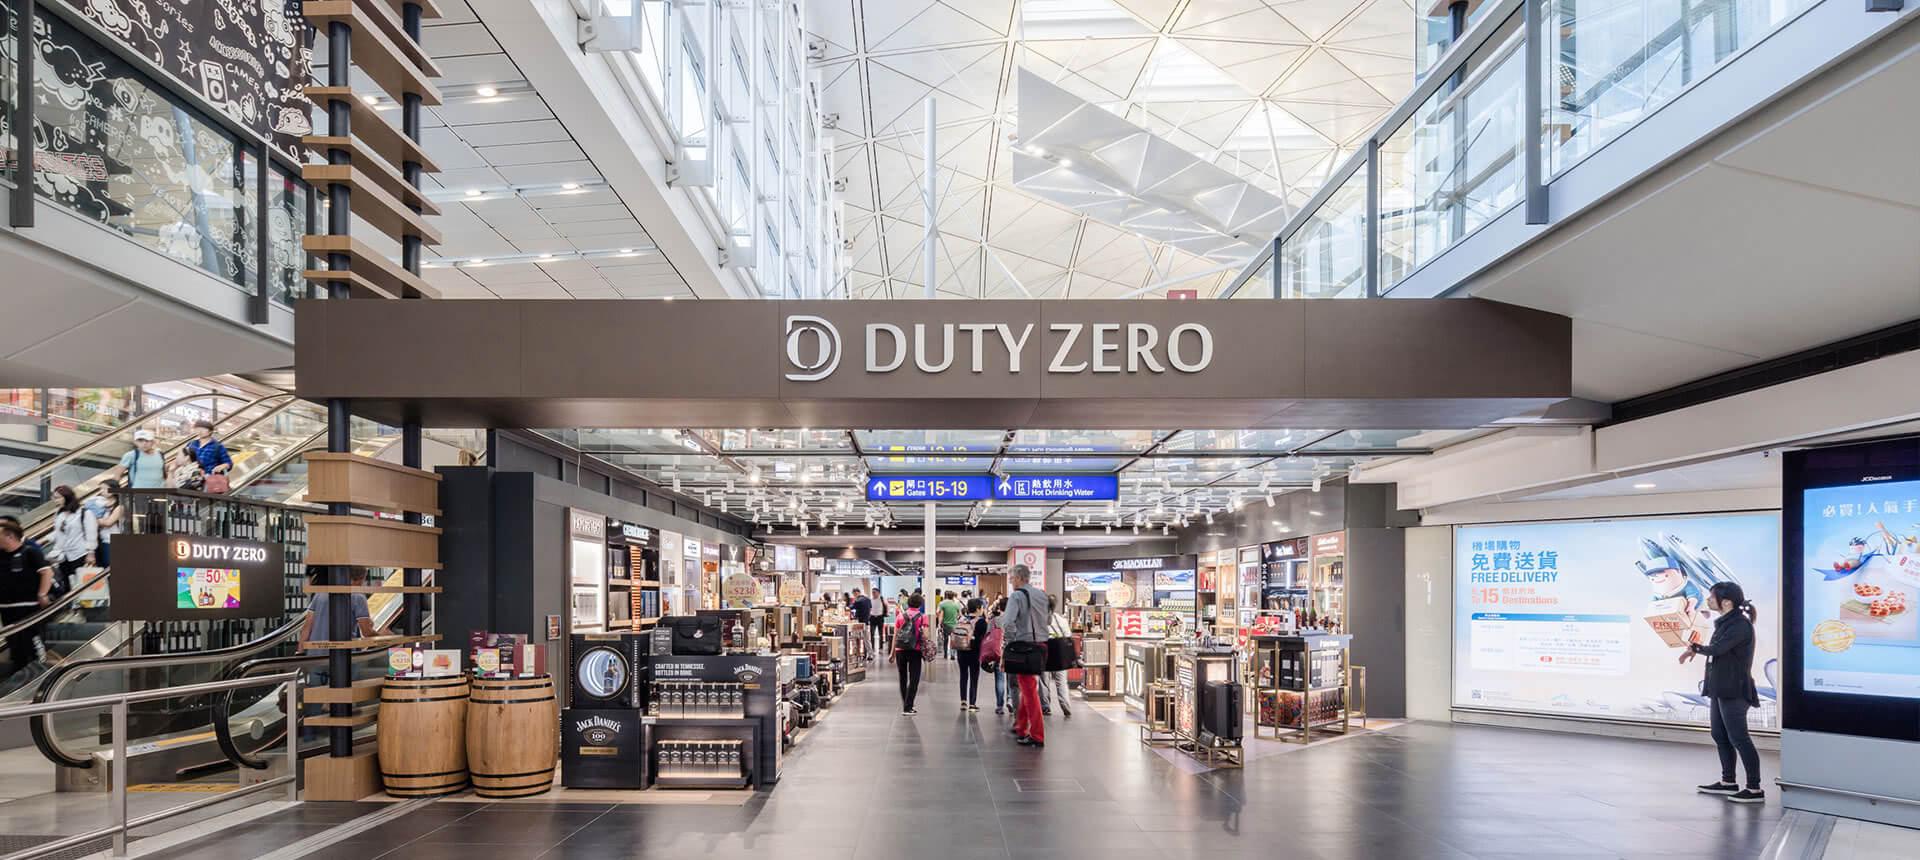 Duty Zero Hong Kong 8